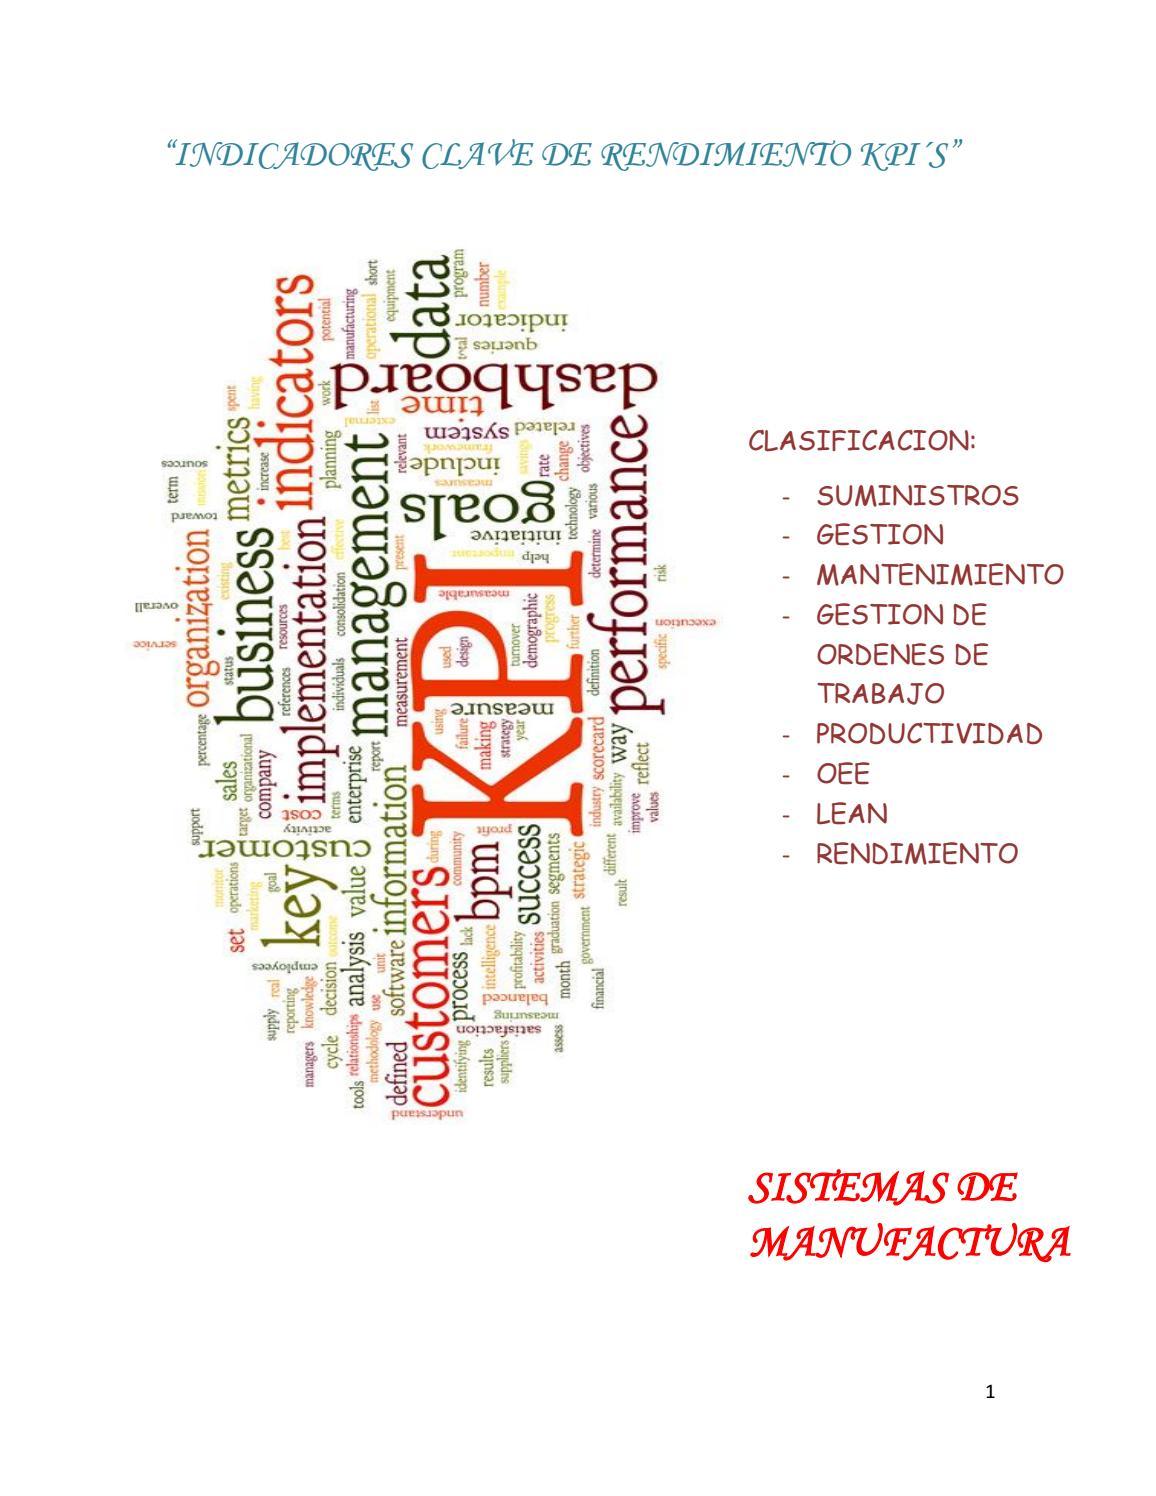 Indicadores clave de rendimiento kpi´s by tecnologico - issuu